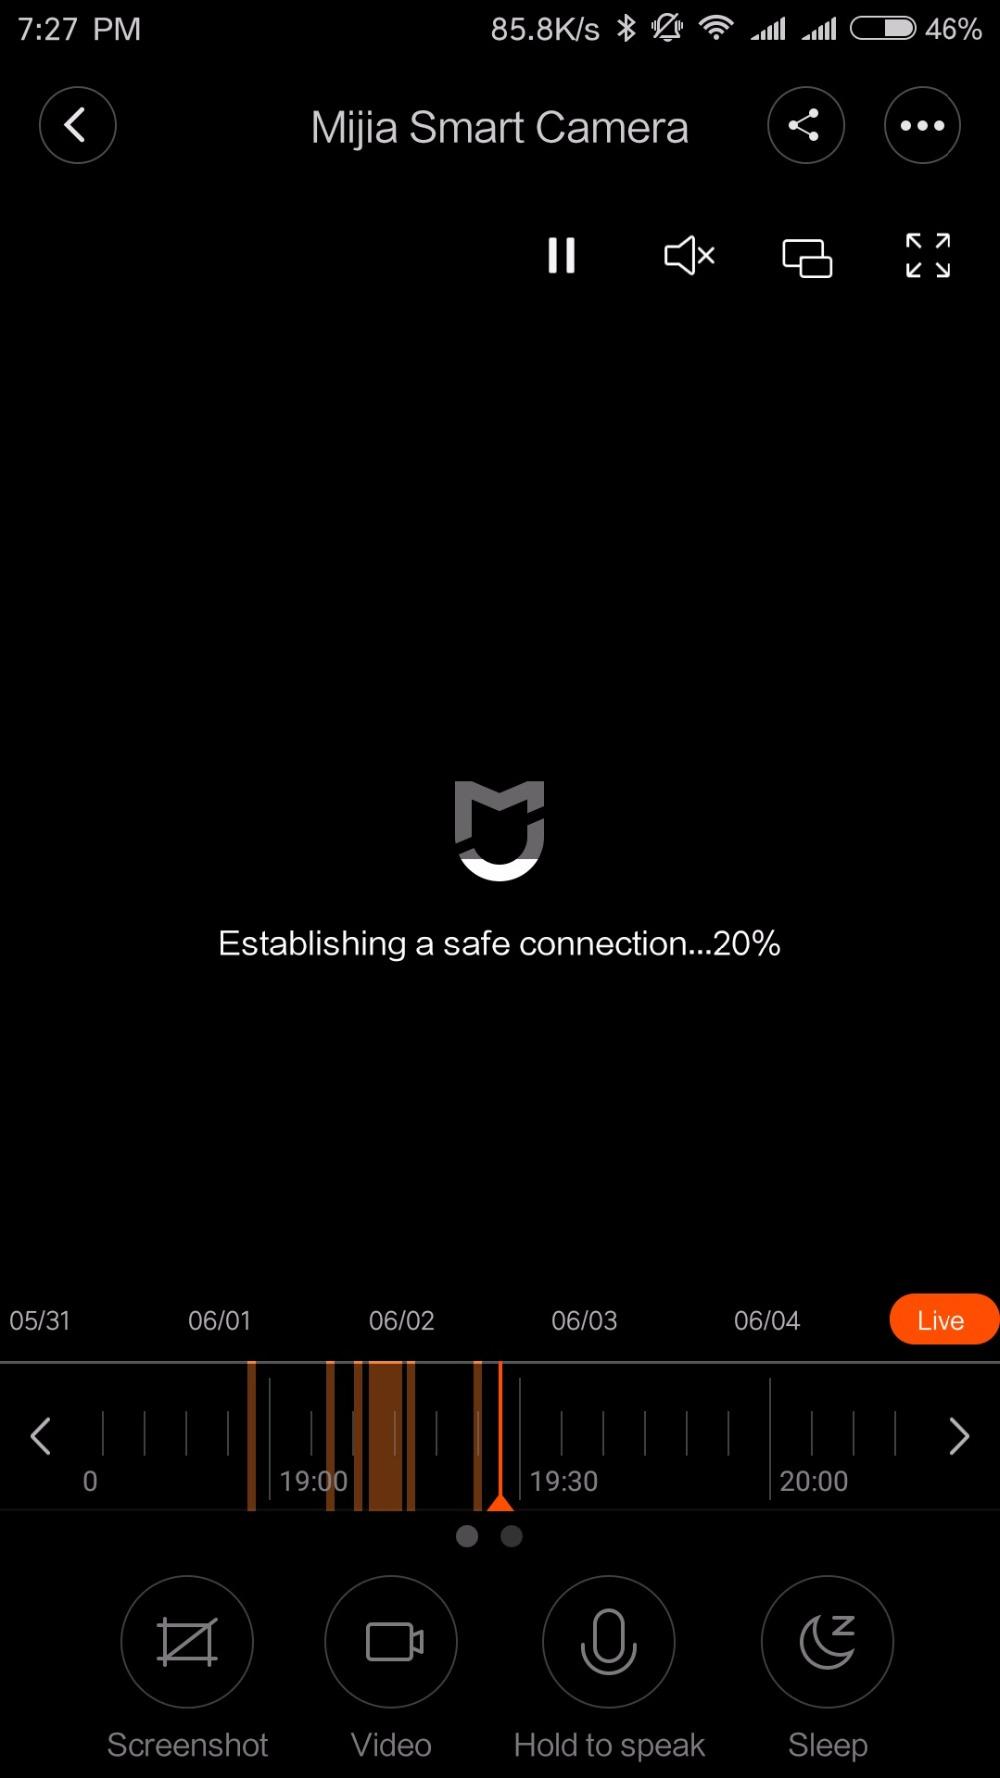 Screenshot_2017-06-04-19-27-43-991_com.xiaomi.sma